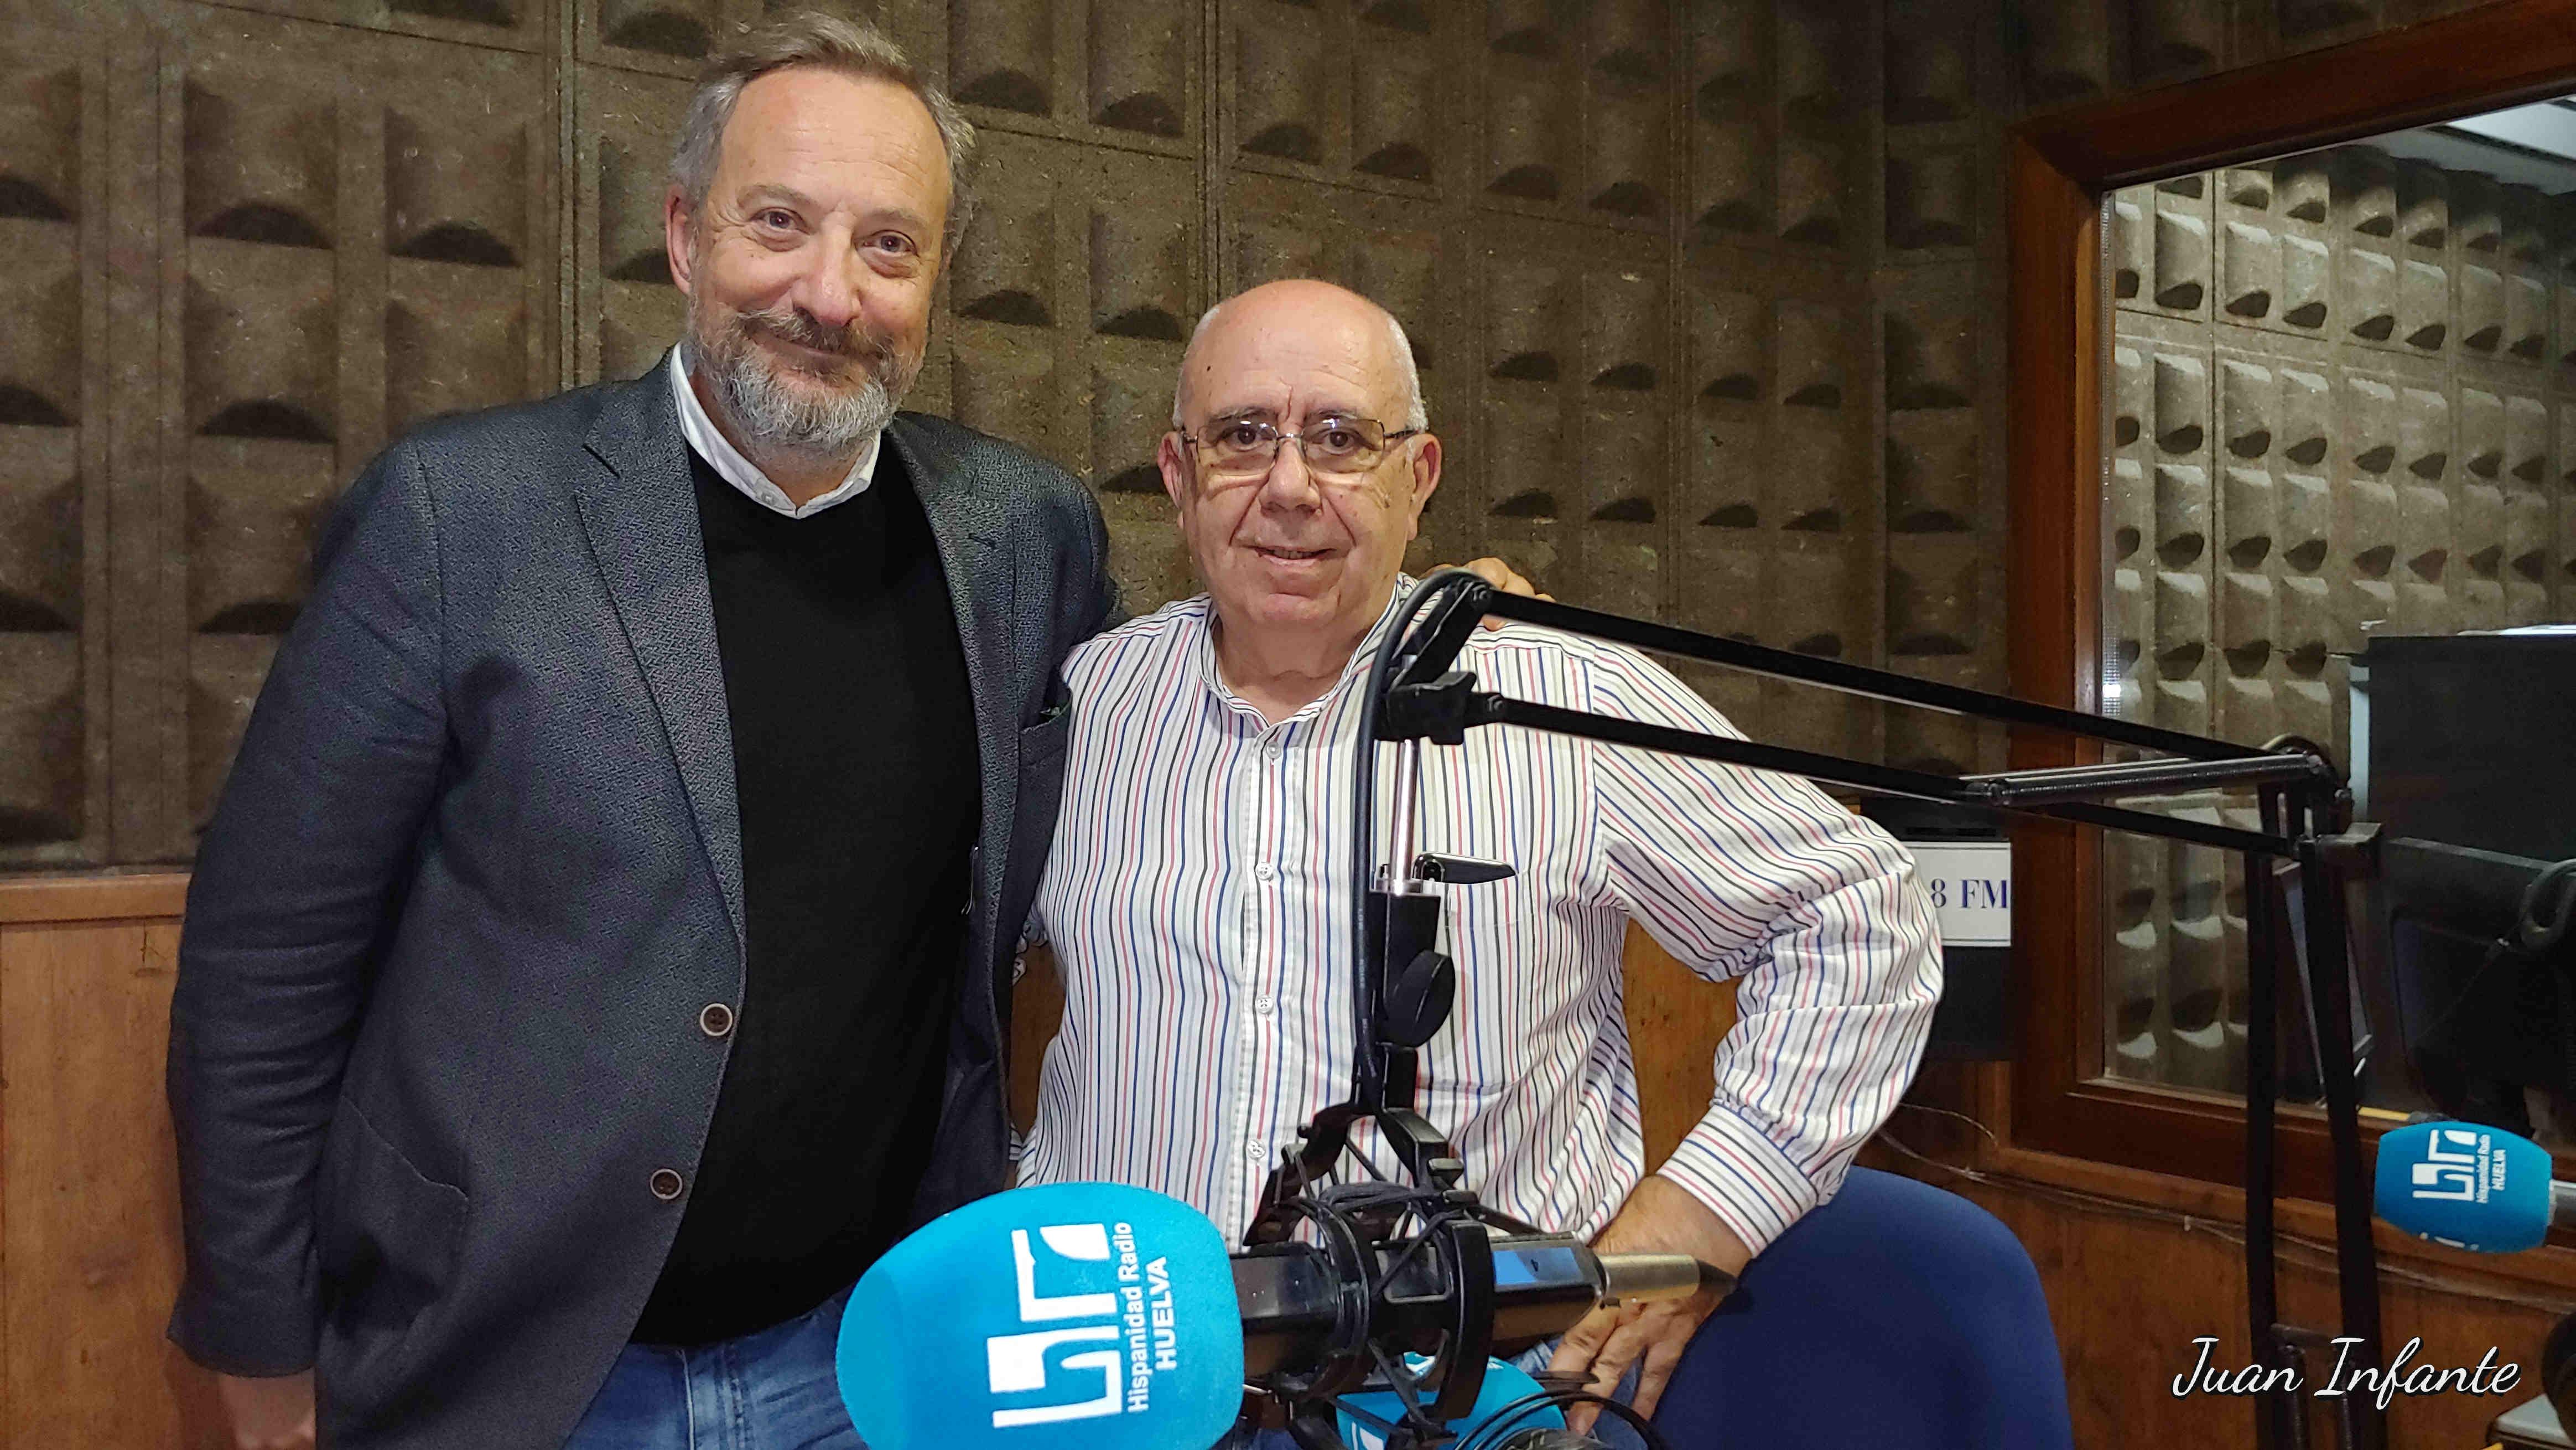 El Barcón de Huelva 19-12-2018-Manuel Gomez Concejal Urbanismo Ayuntamiento Huelva